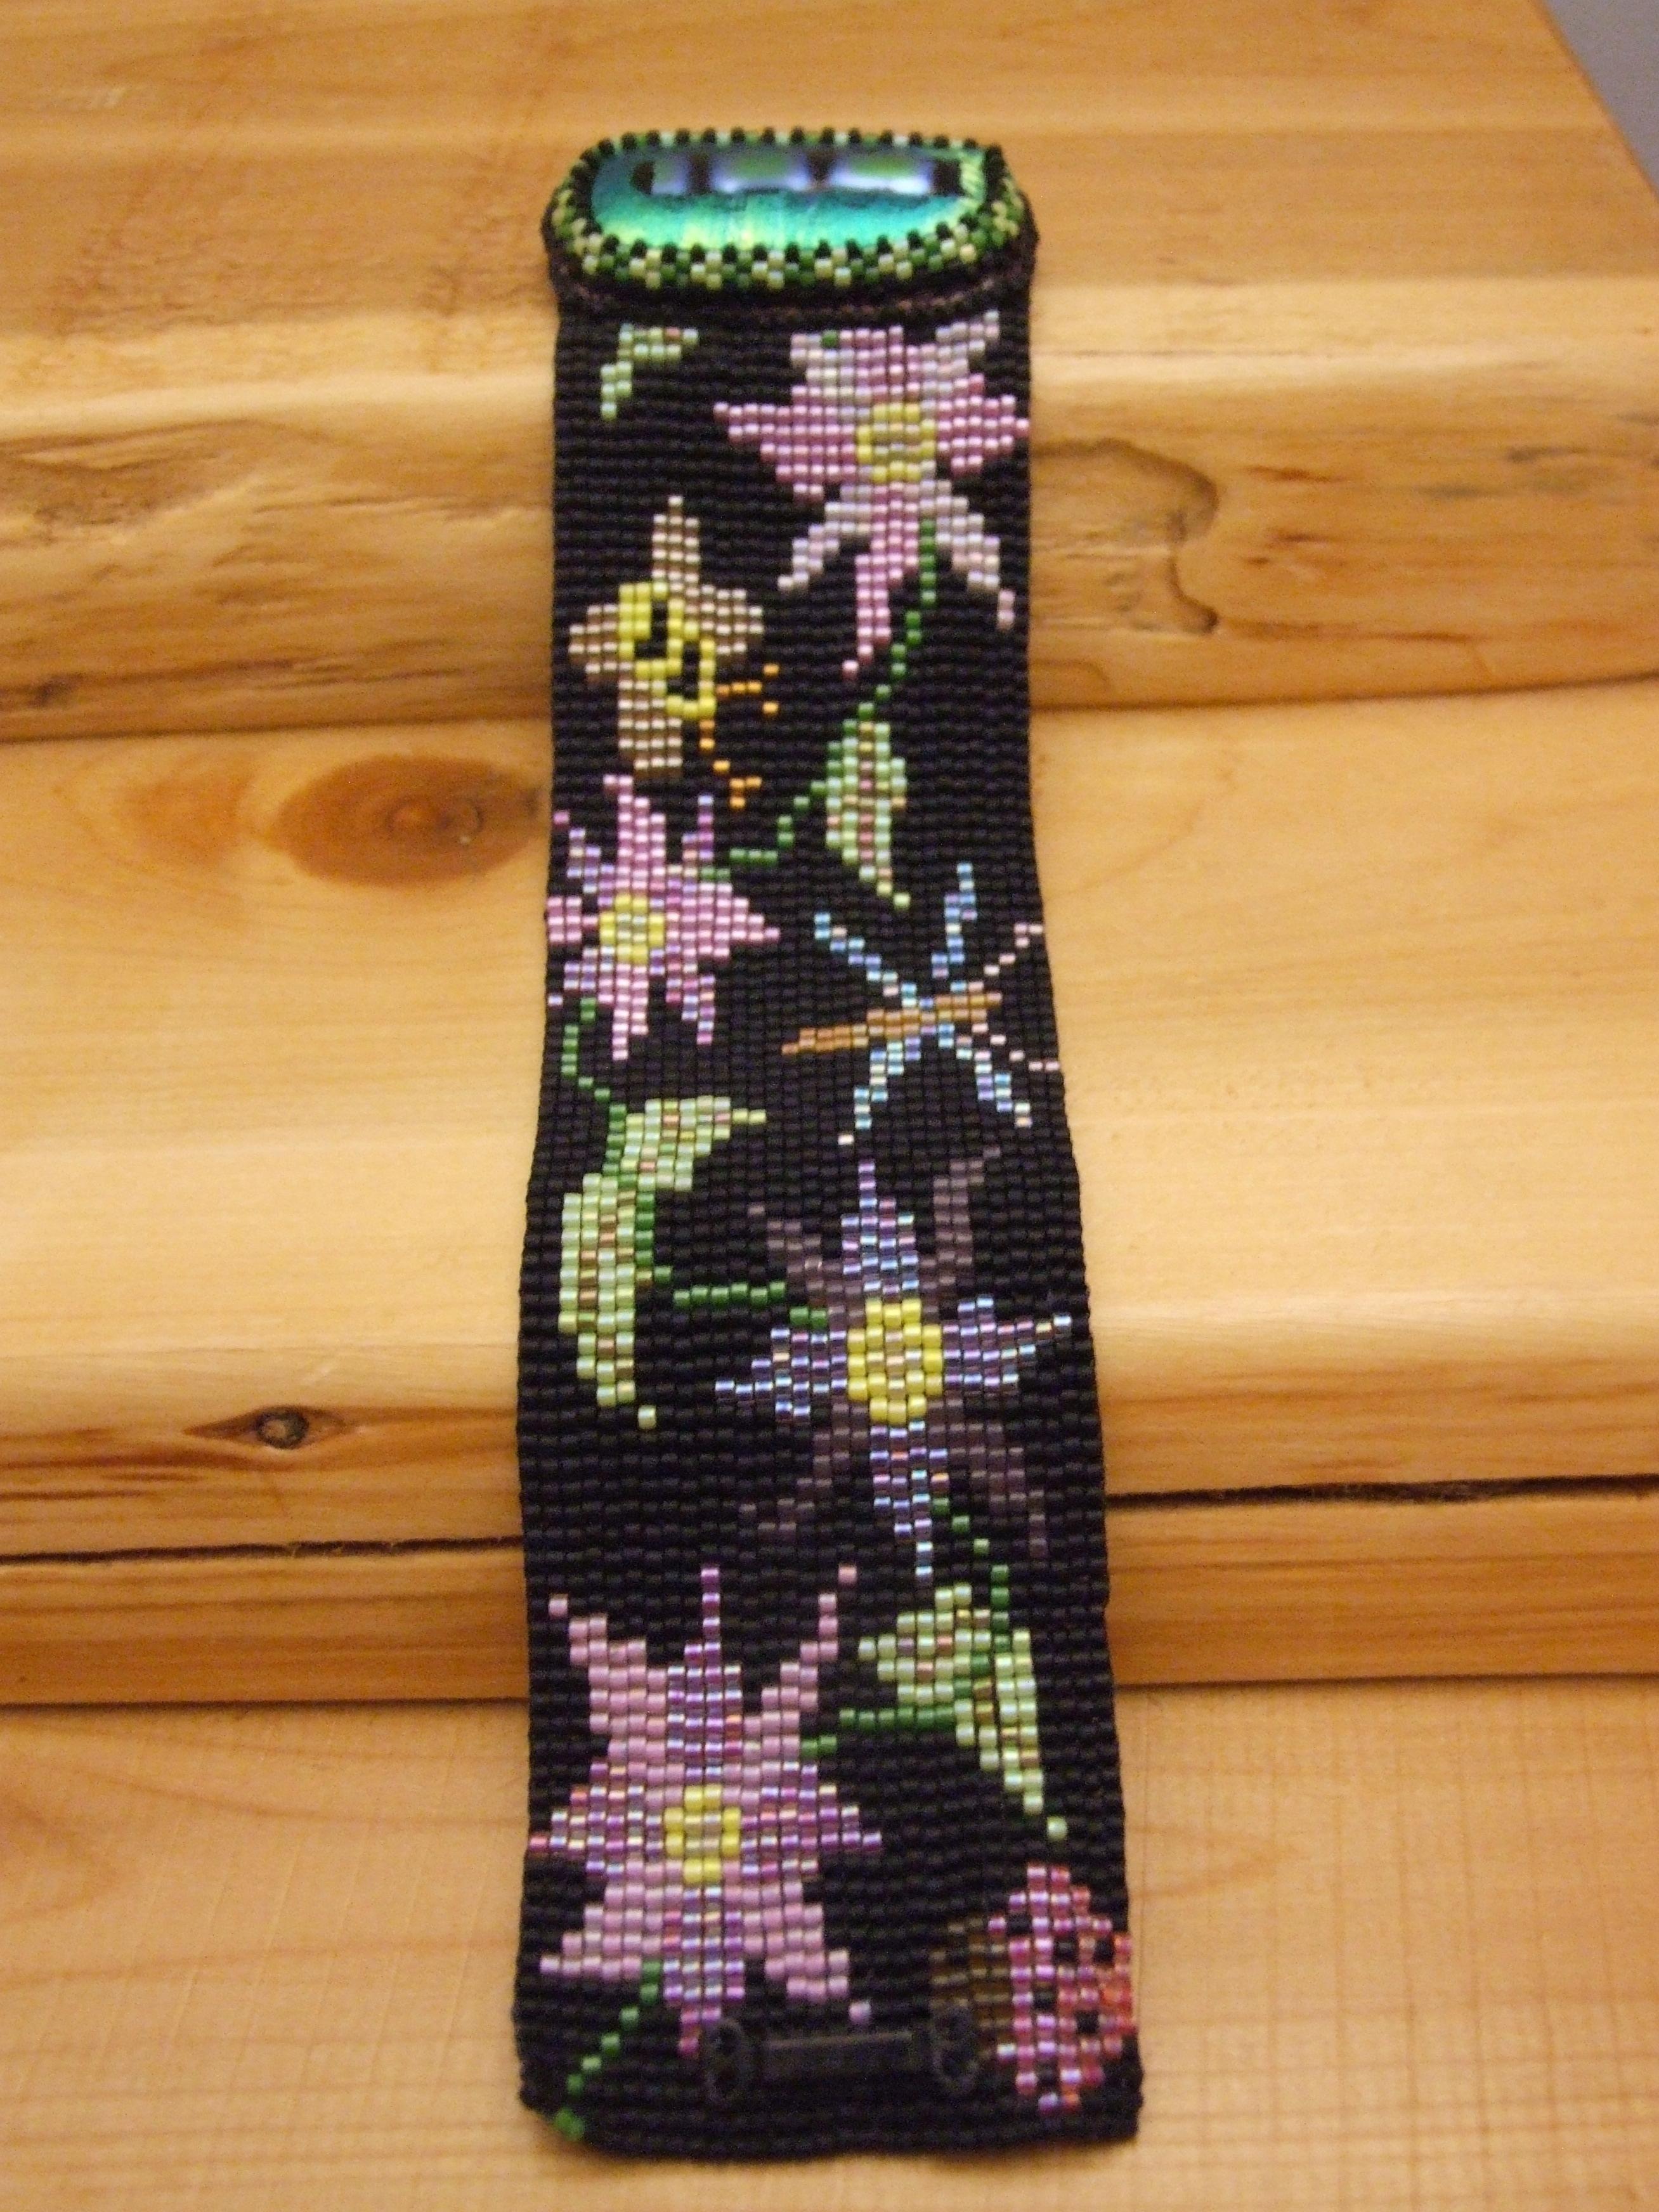 Beaded bracelet by Lynn Smythe.